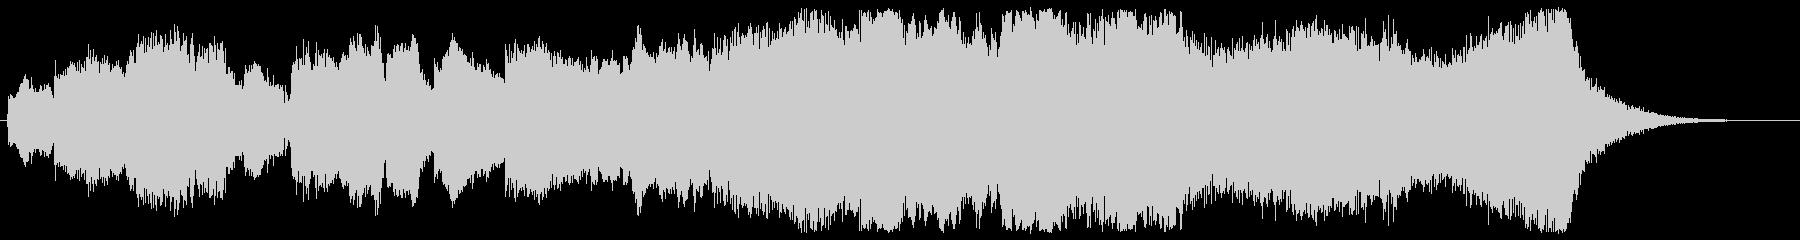 雄大なファンファーレ 大地のイメージの未再生の波形